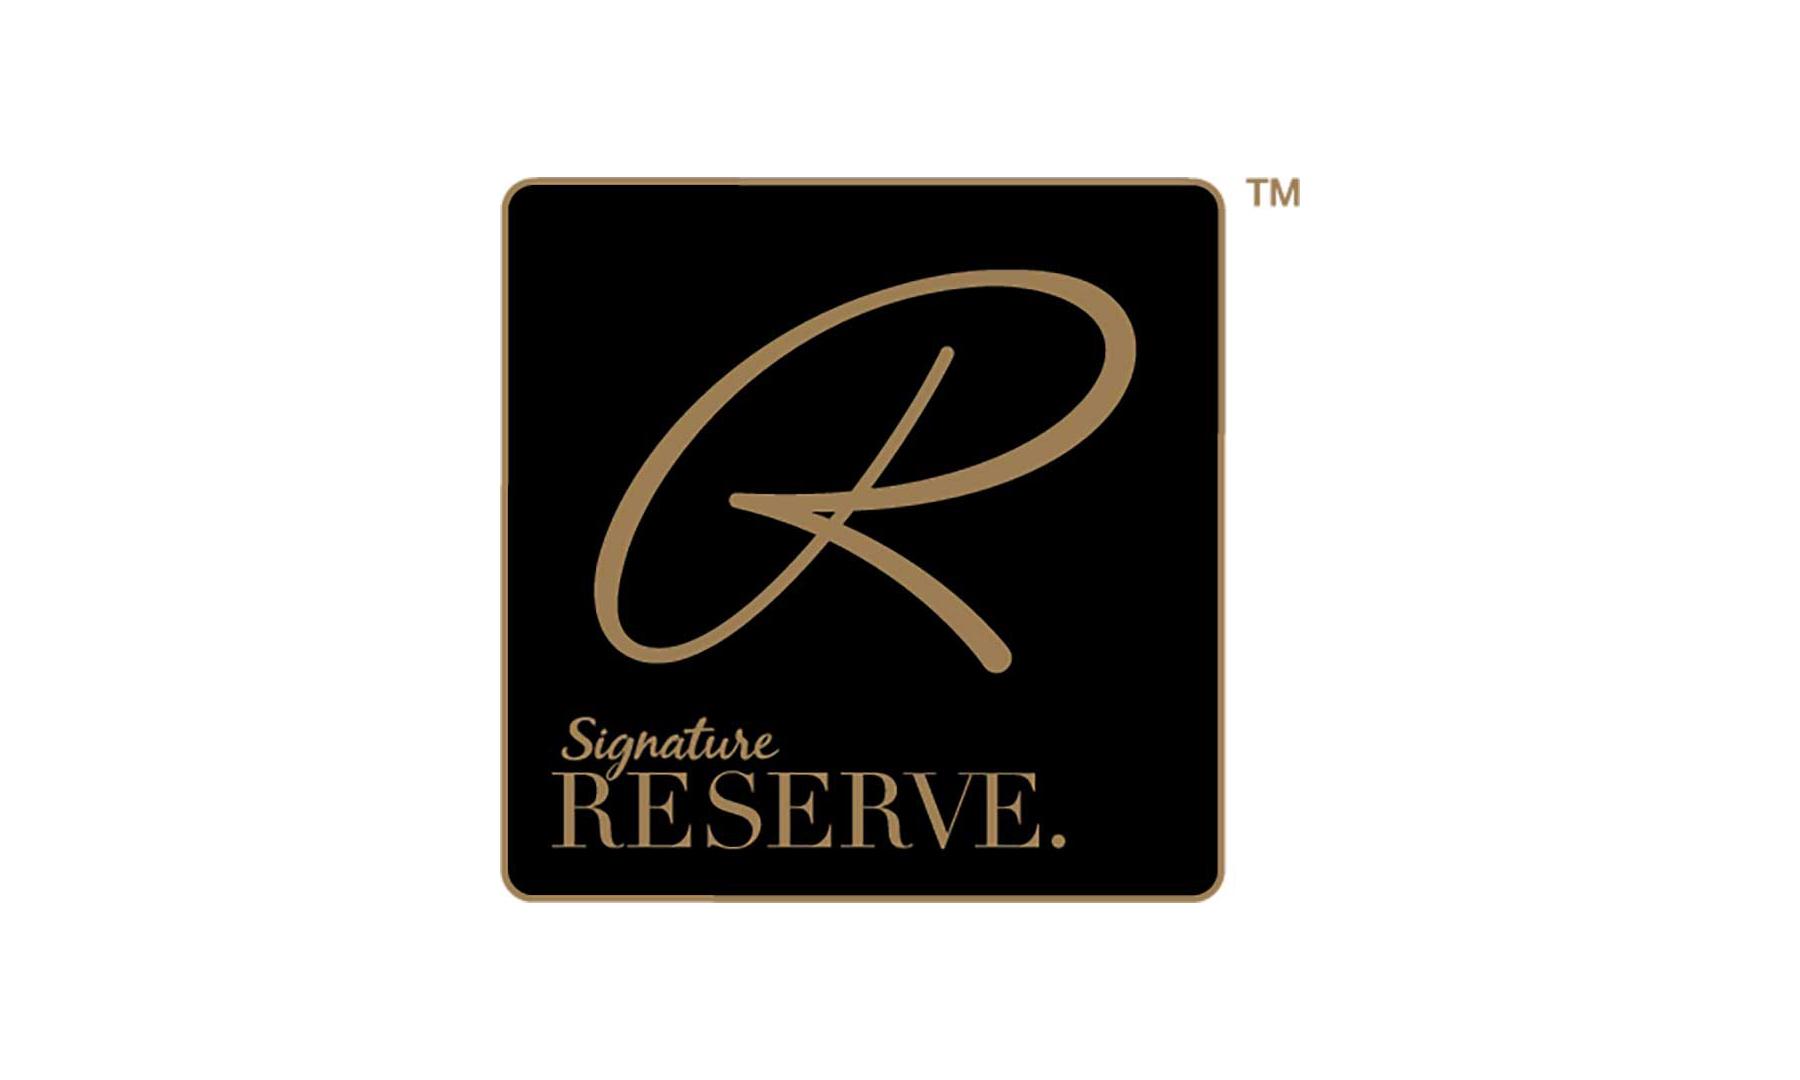 Signature Reserve logo